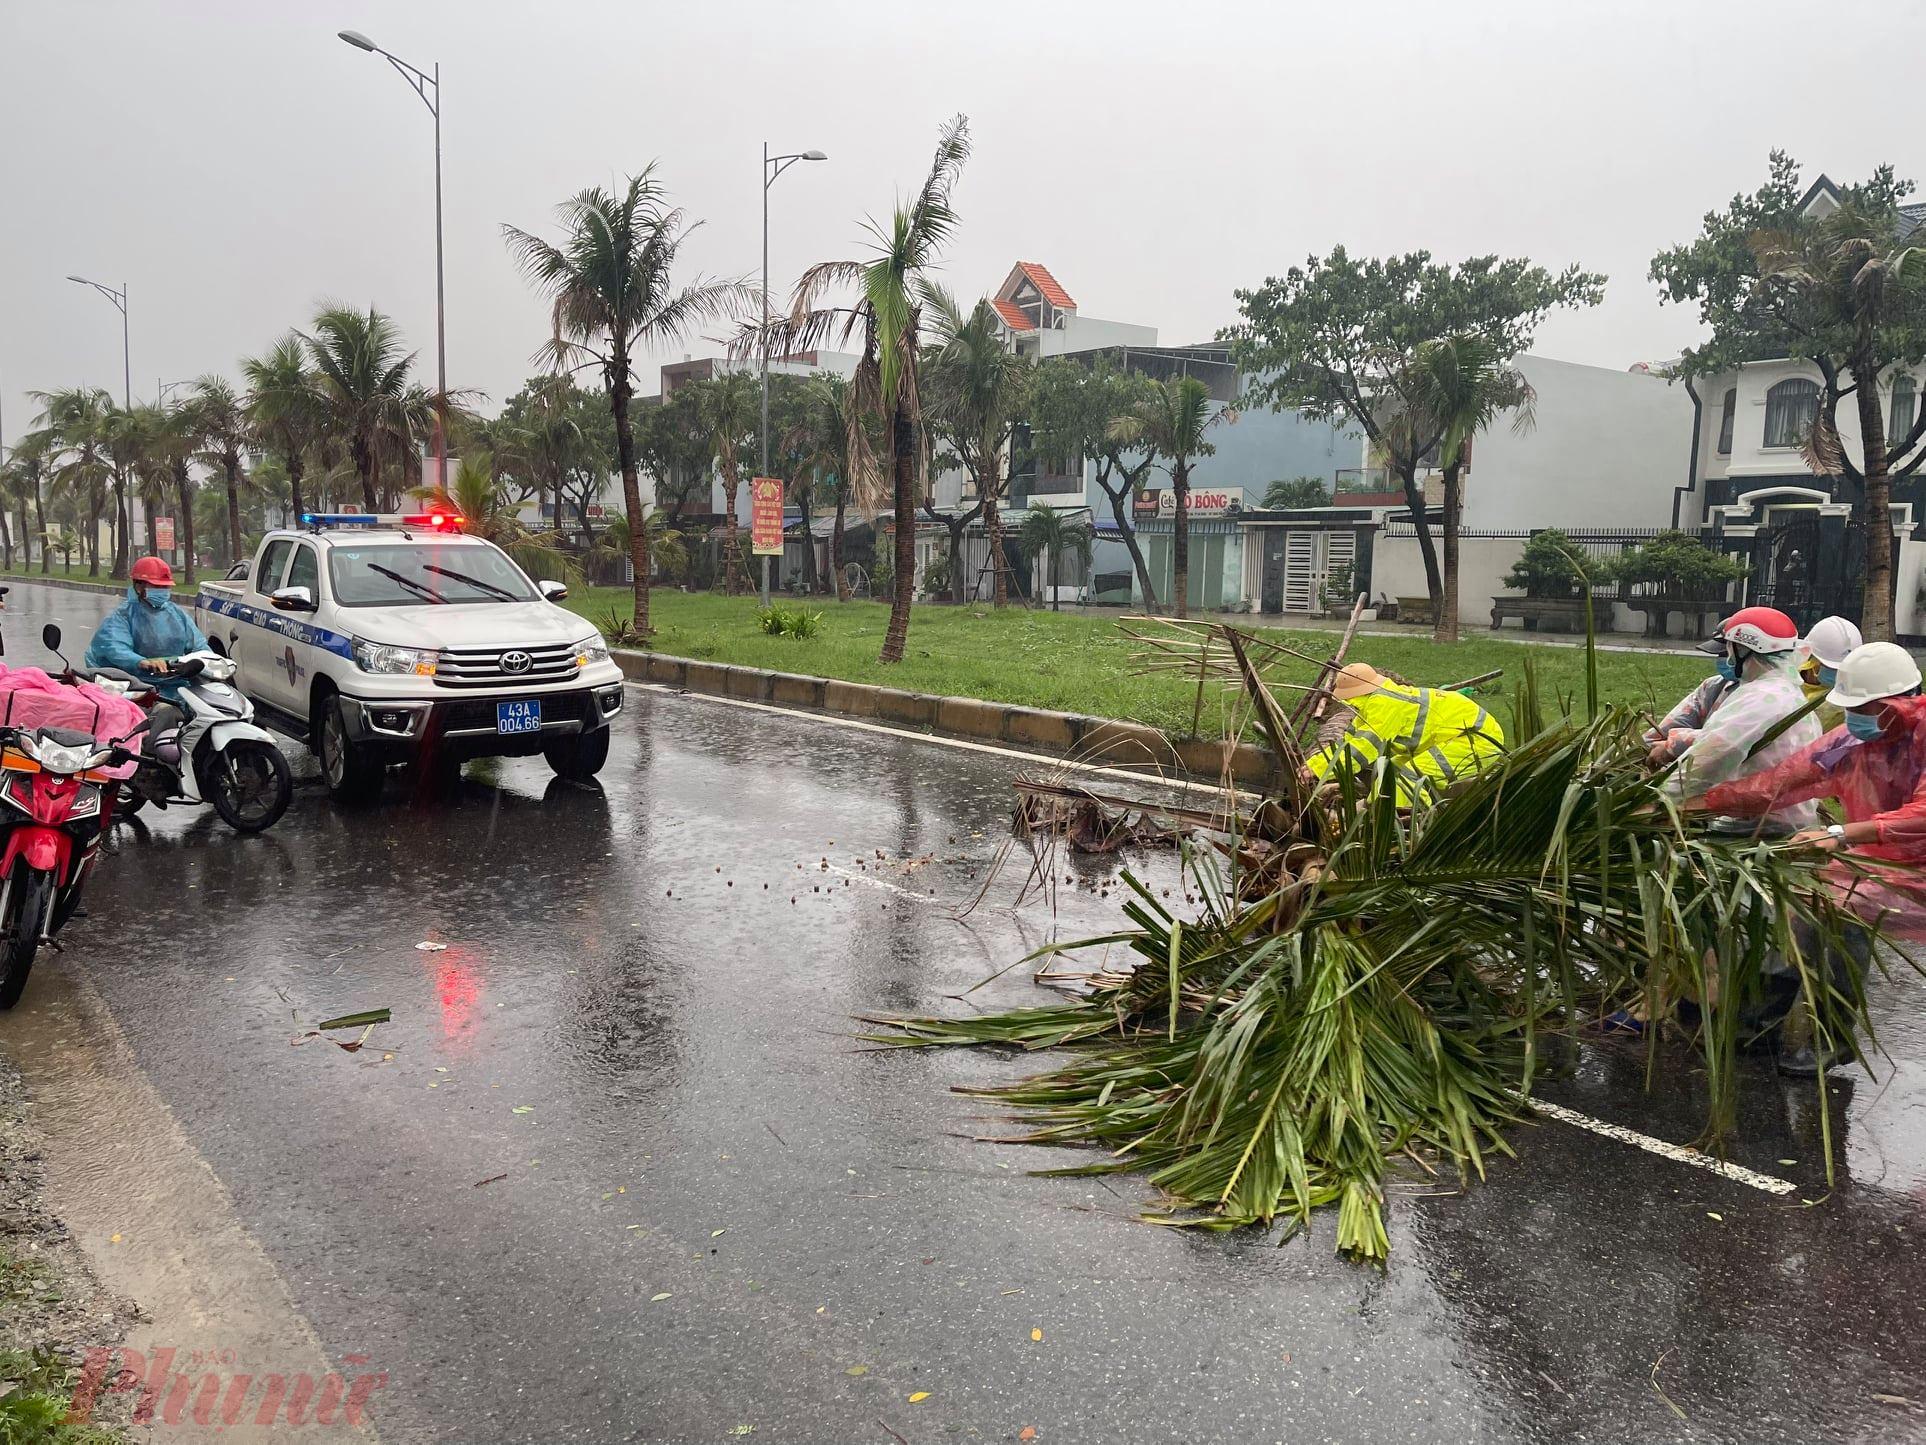 Trước, trong, sau bão sẽ tổ chức tuần tra, kiểm soát trên các tuyến đường, đồng thời chốt chặn khu vực có nguy cơ ngập sâu để ngăn không cho phương tiện qua lại gây nguy hiểm.